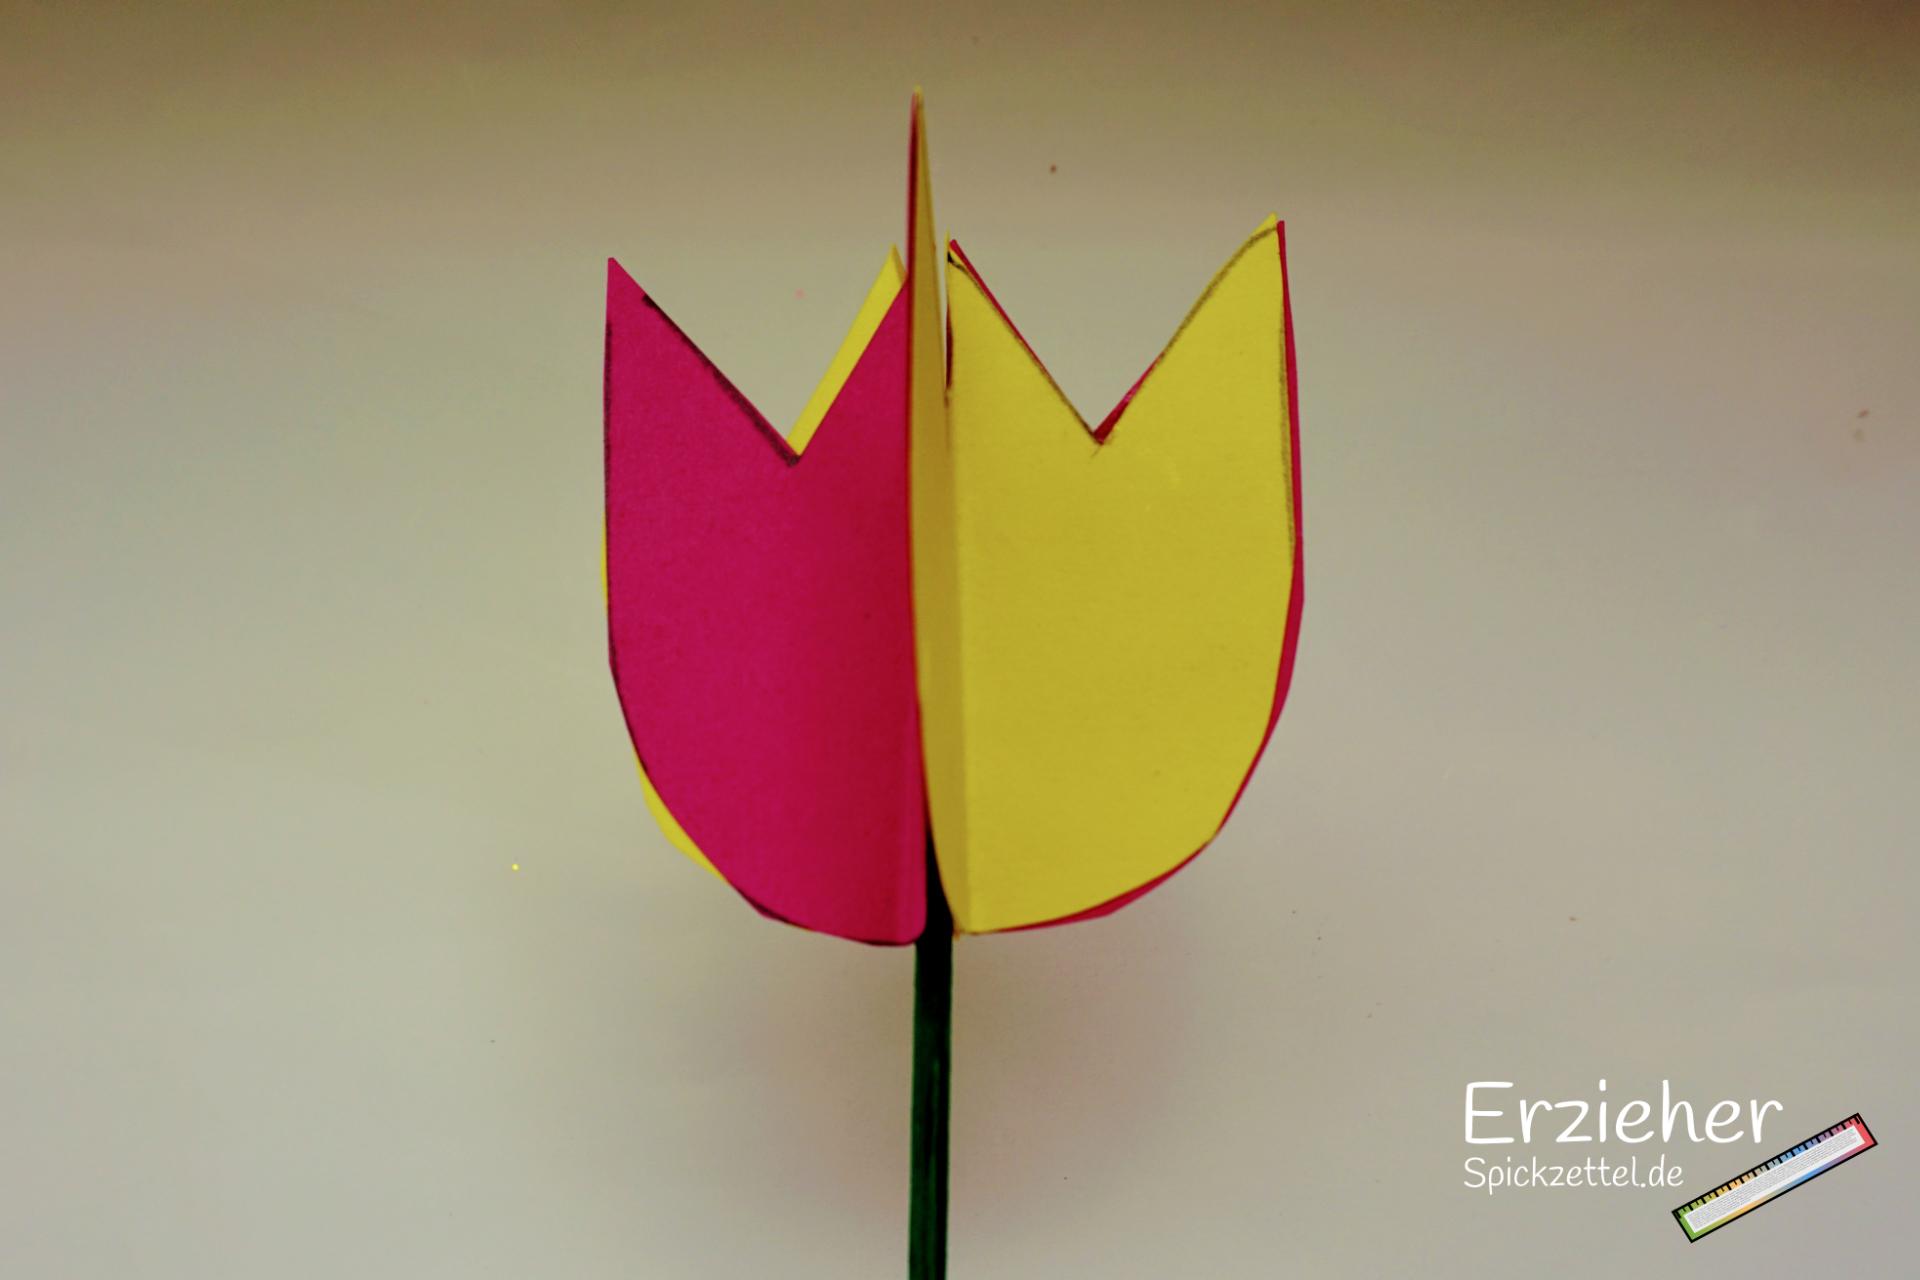 Kurzfristige Planung Wir Basteln 3d Blumen Erzieherspickzettelde